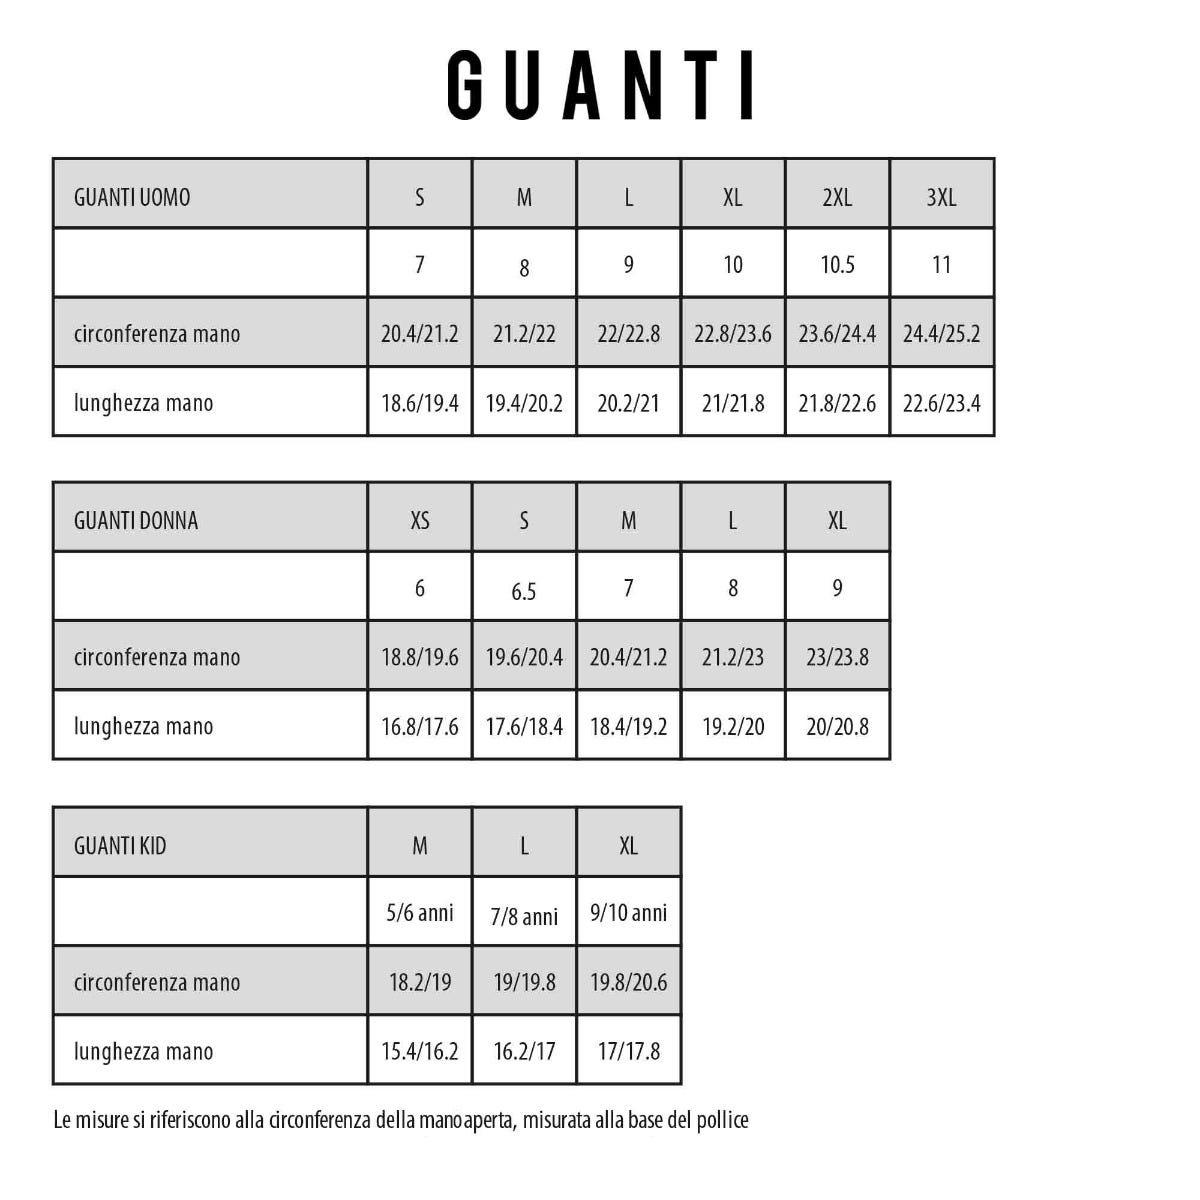 tabella-guanti_ok_05-21